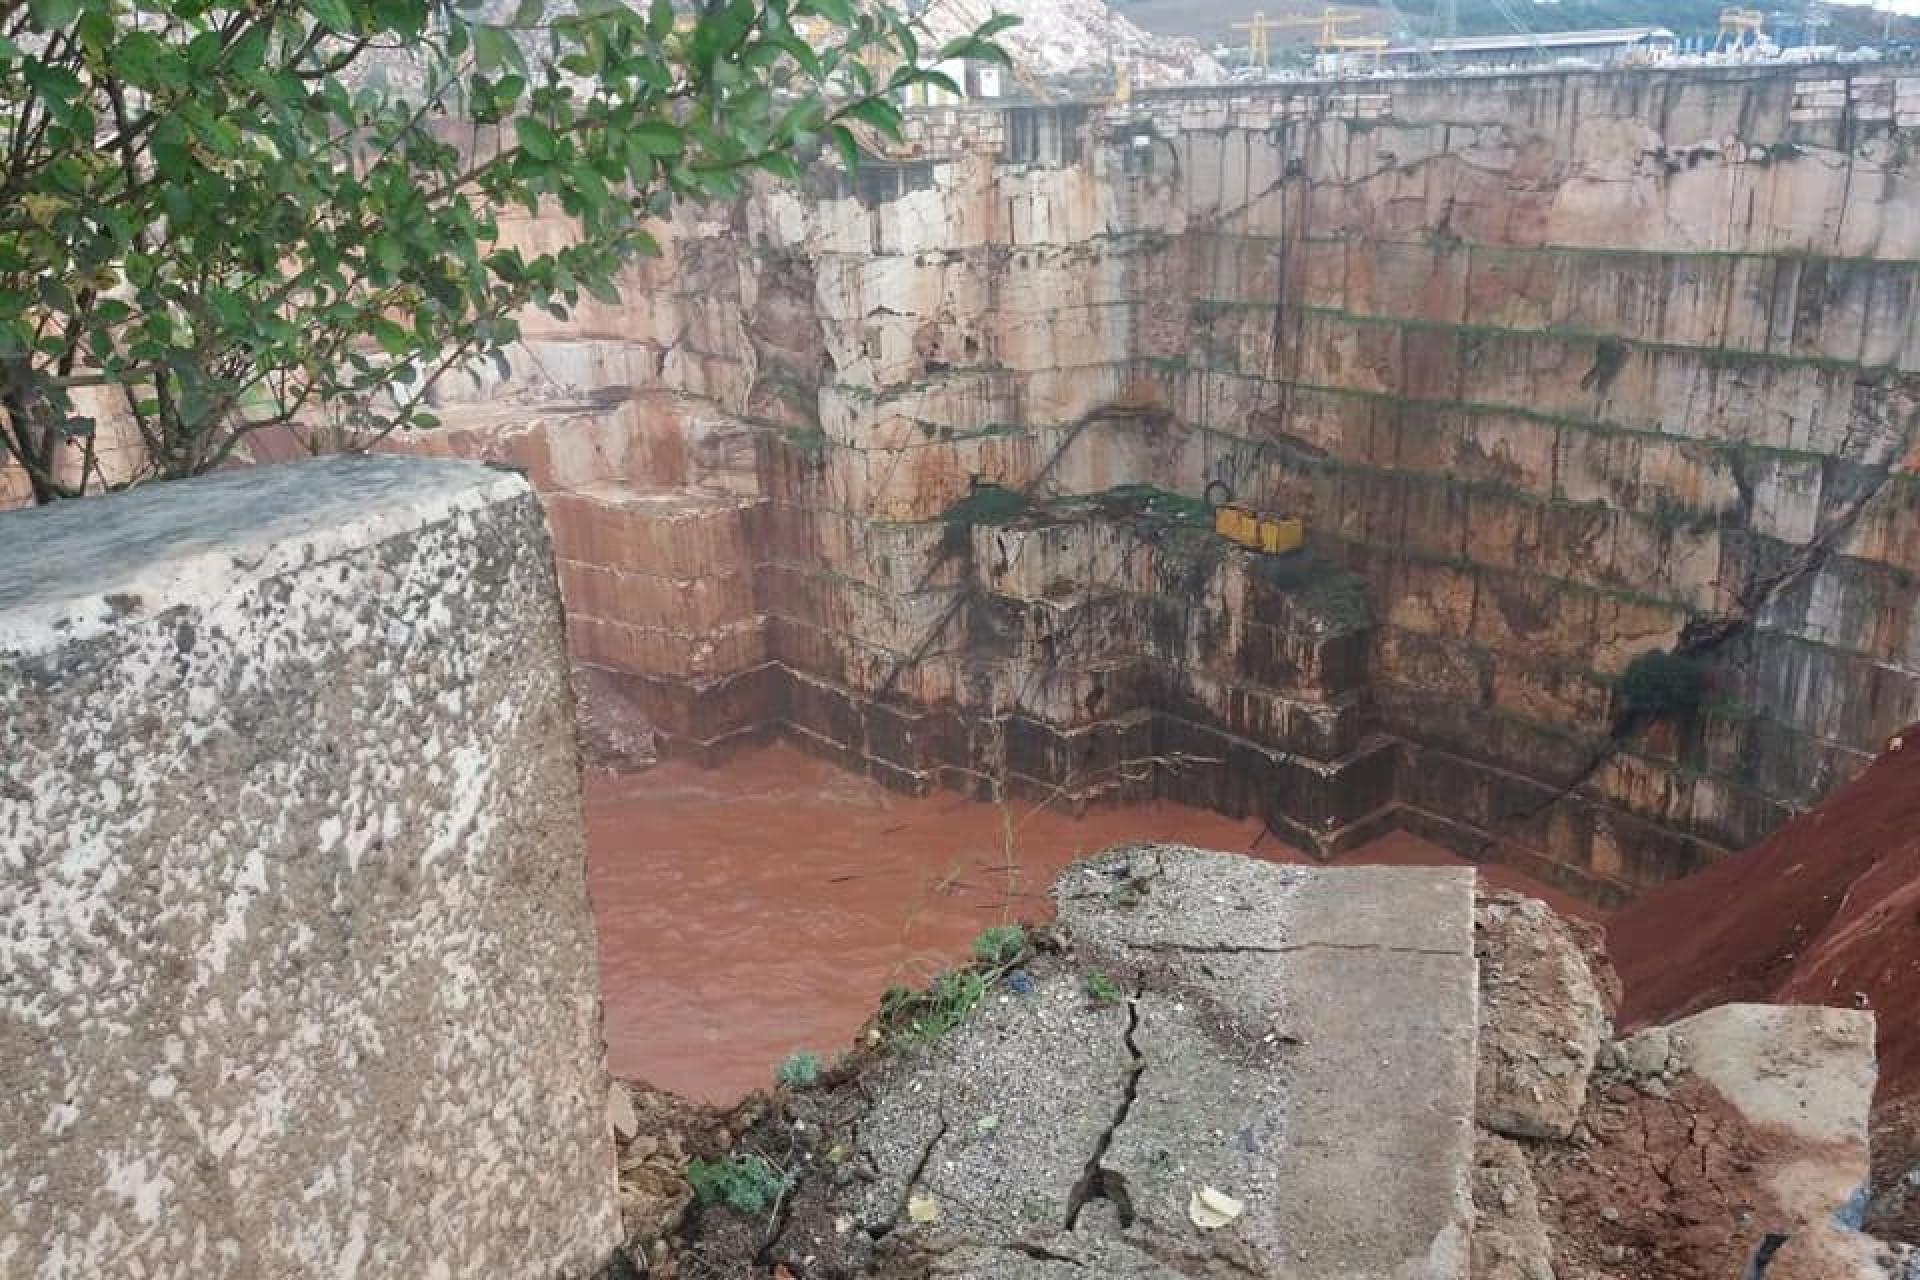 As imagens do buraco que 'engoliu' a estrada em Borba